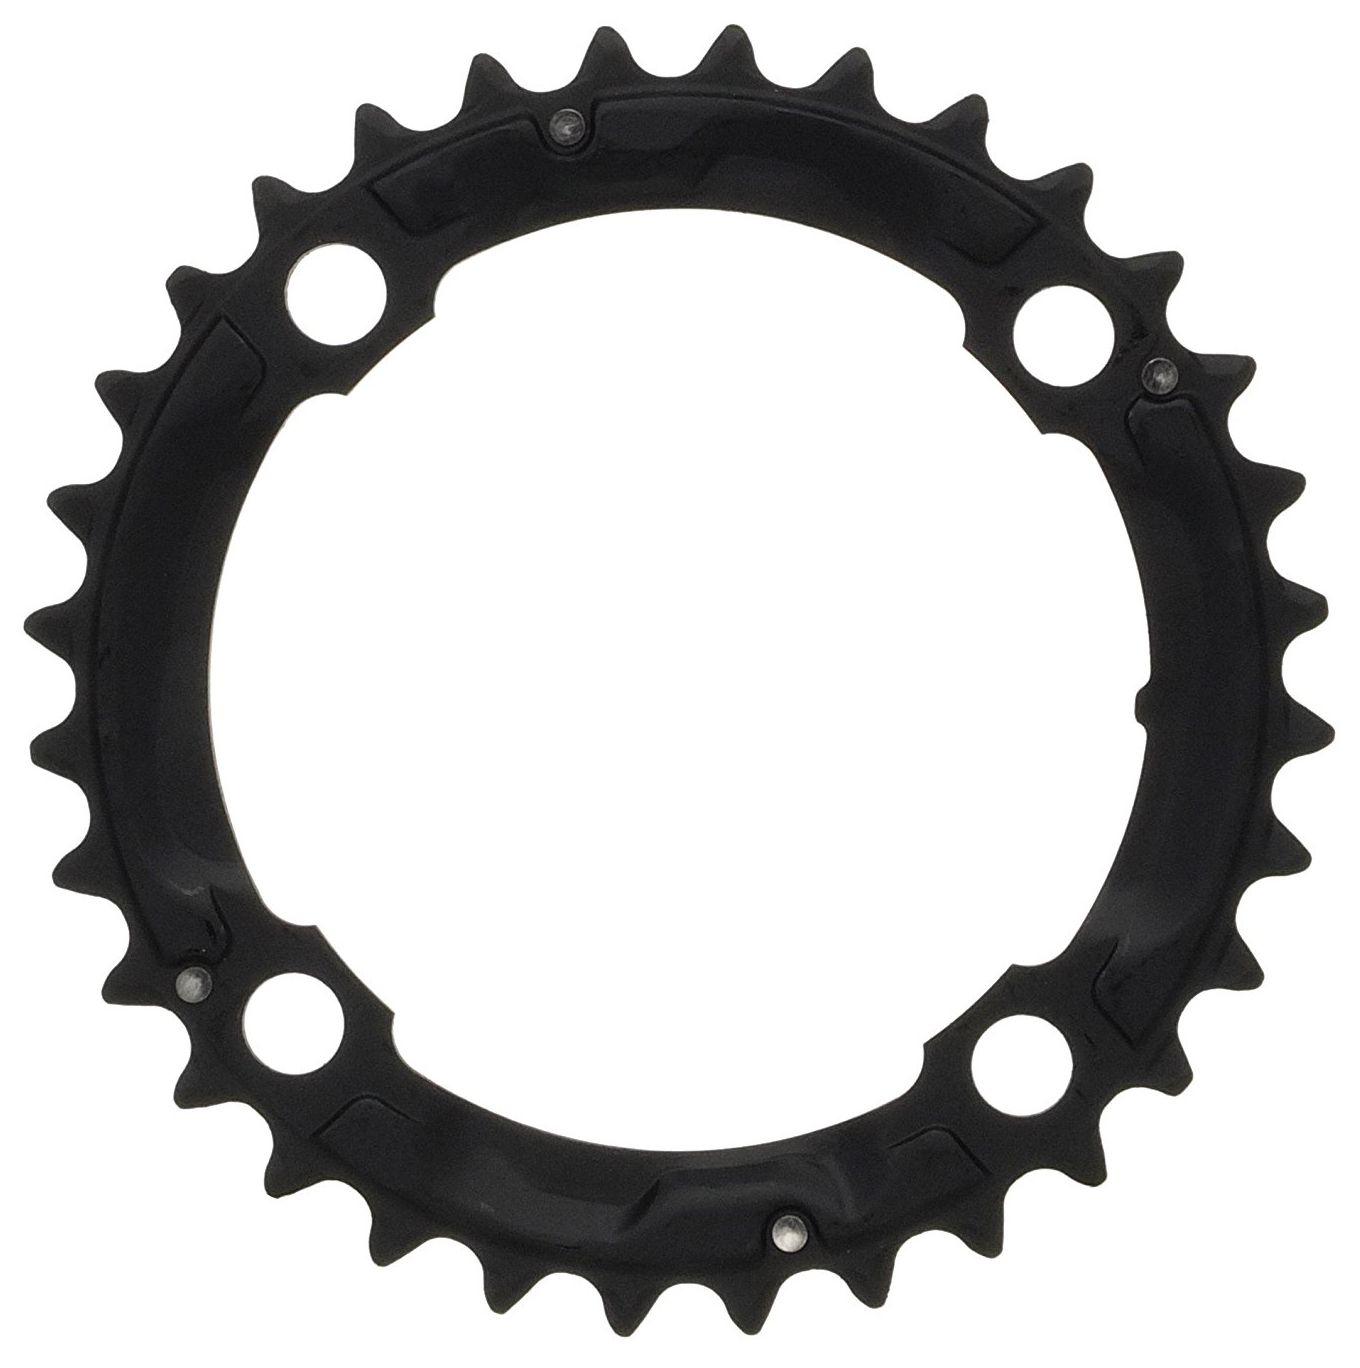 Товар Shimano звезда передняя XT для FC-M760 (Y1F898020) звезда передняя для велосипеда shimano deore xt для fc m760 22t черная y1f822000